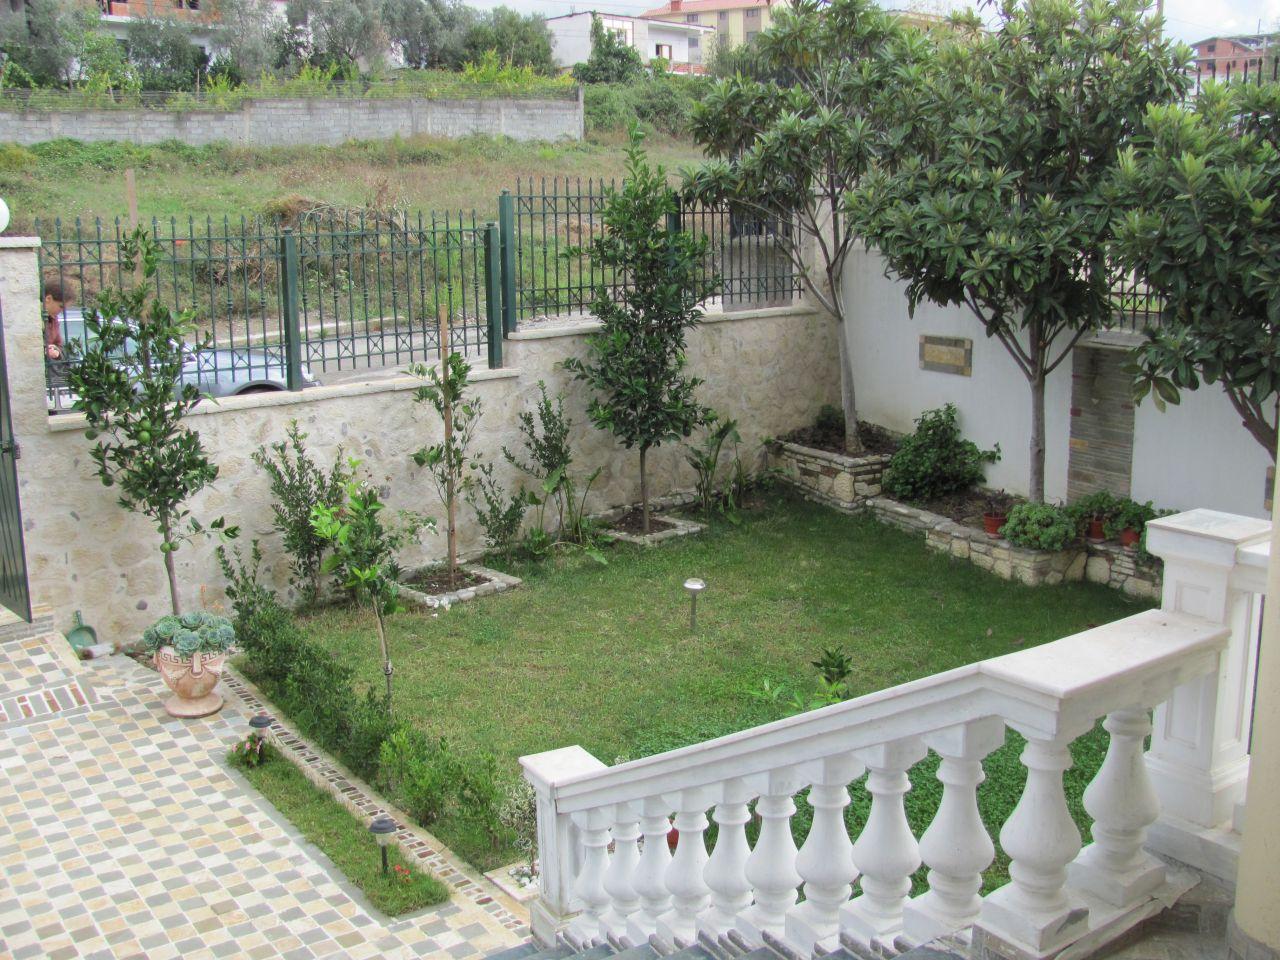 Vilë me një kopsht të bukur me qira në Tiranë, Shqipëri